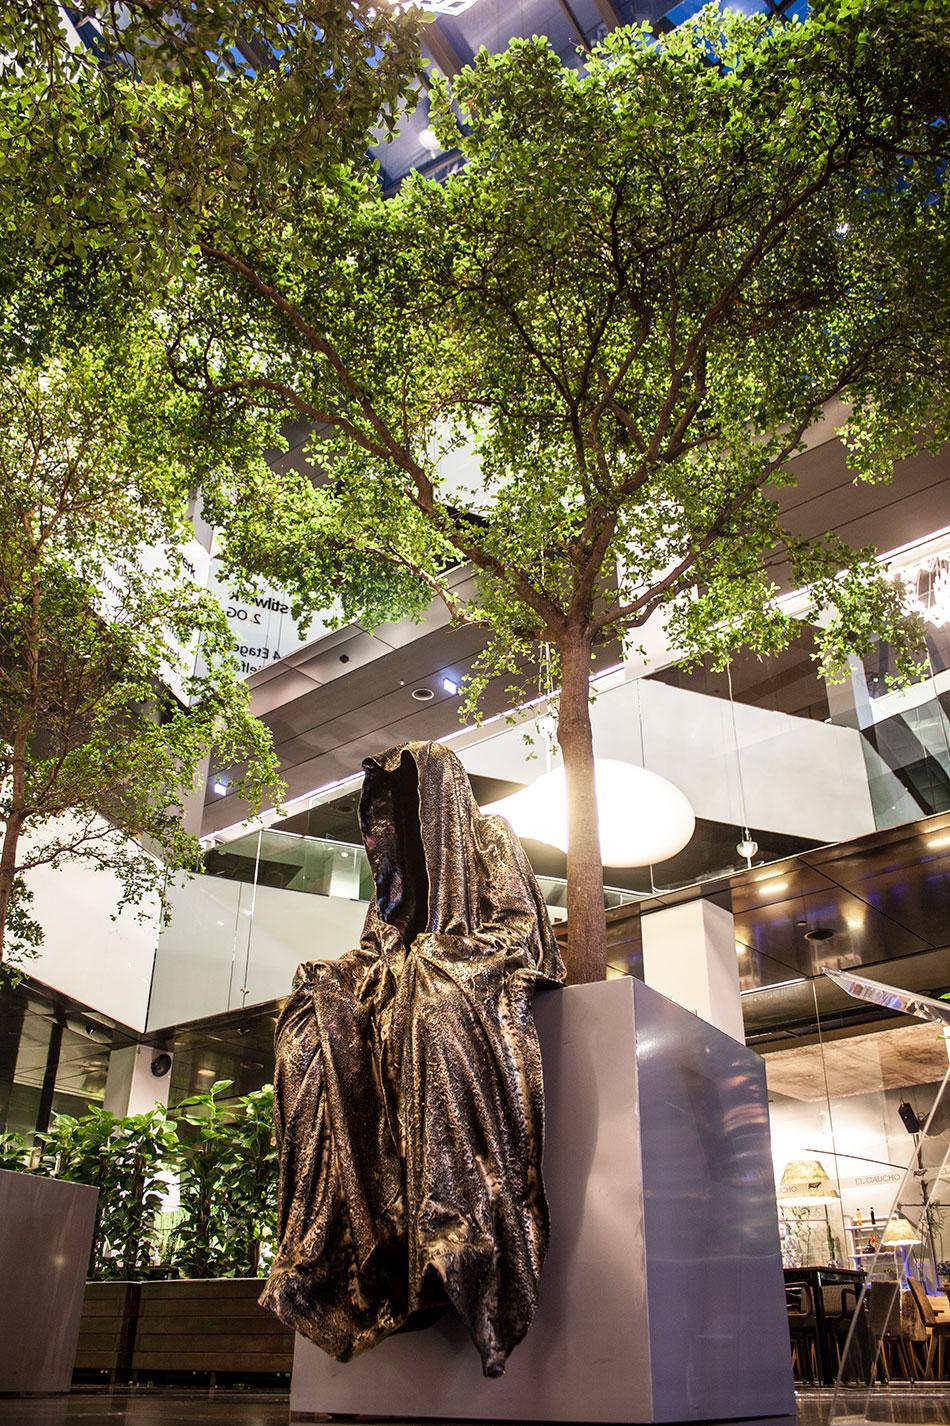 stilwerk-wien-design-tower-vienna-duekouba-designkooperation-guardians-of-time-manfred-kieli-kielnhofer-contemporary-fine-art-arts-design-installation-antique-show-4738